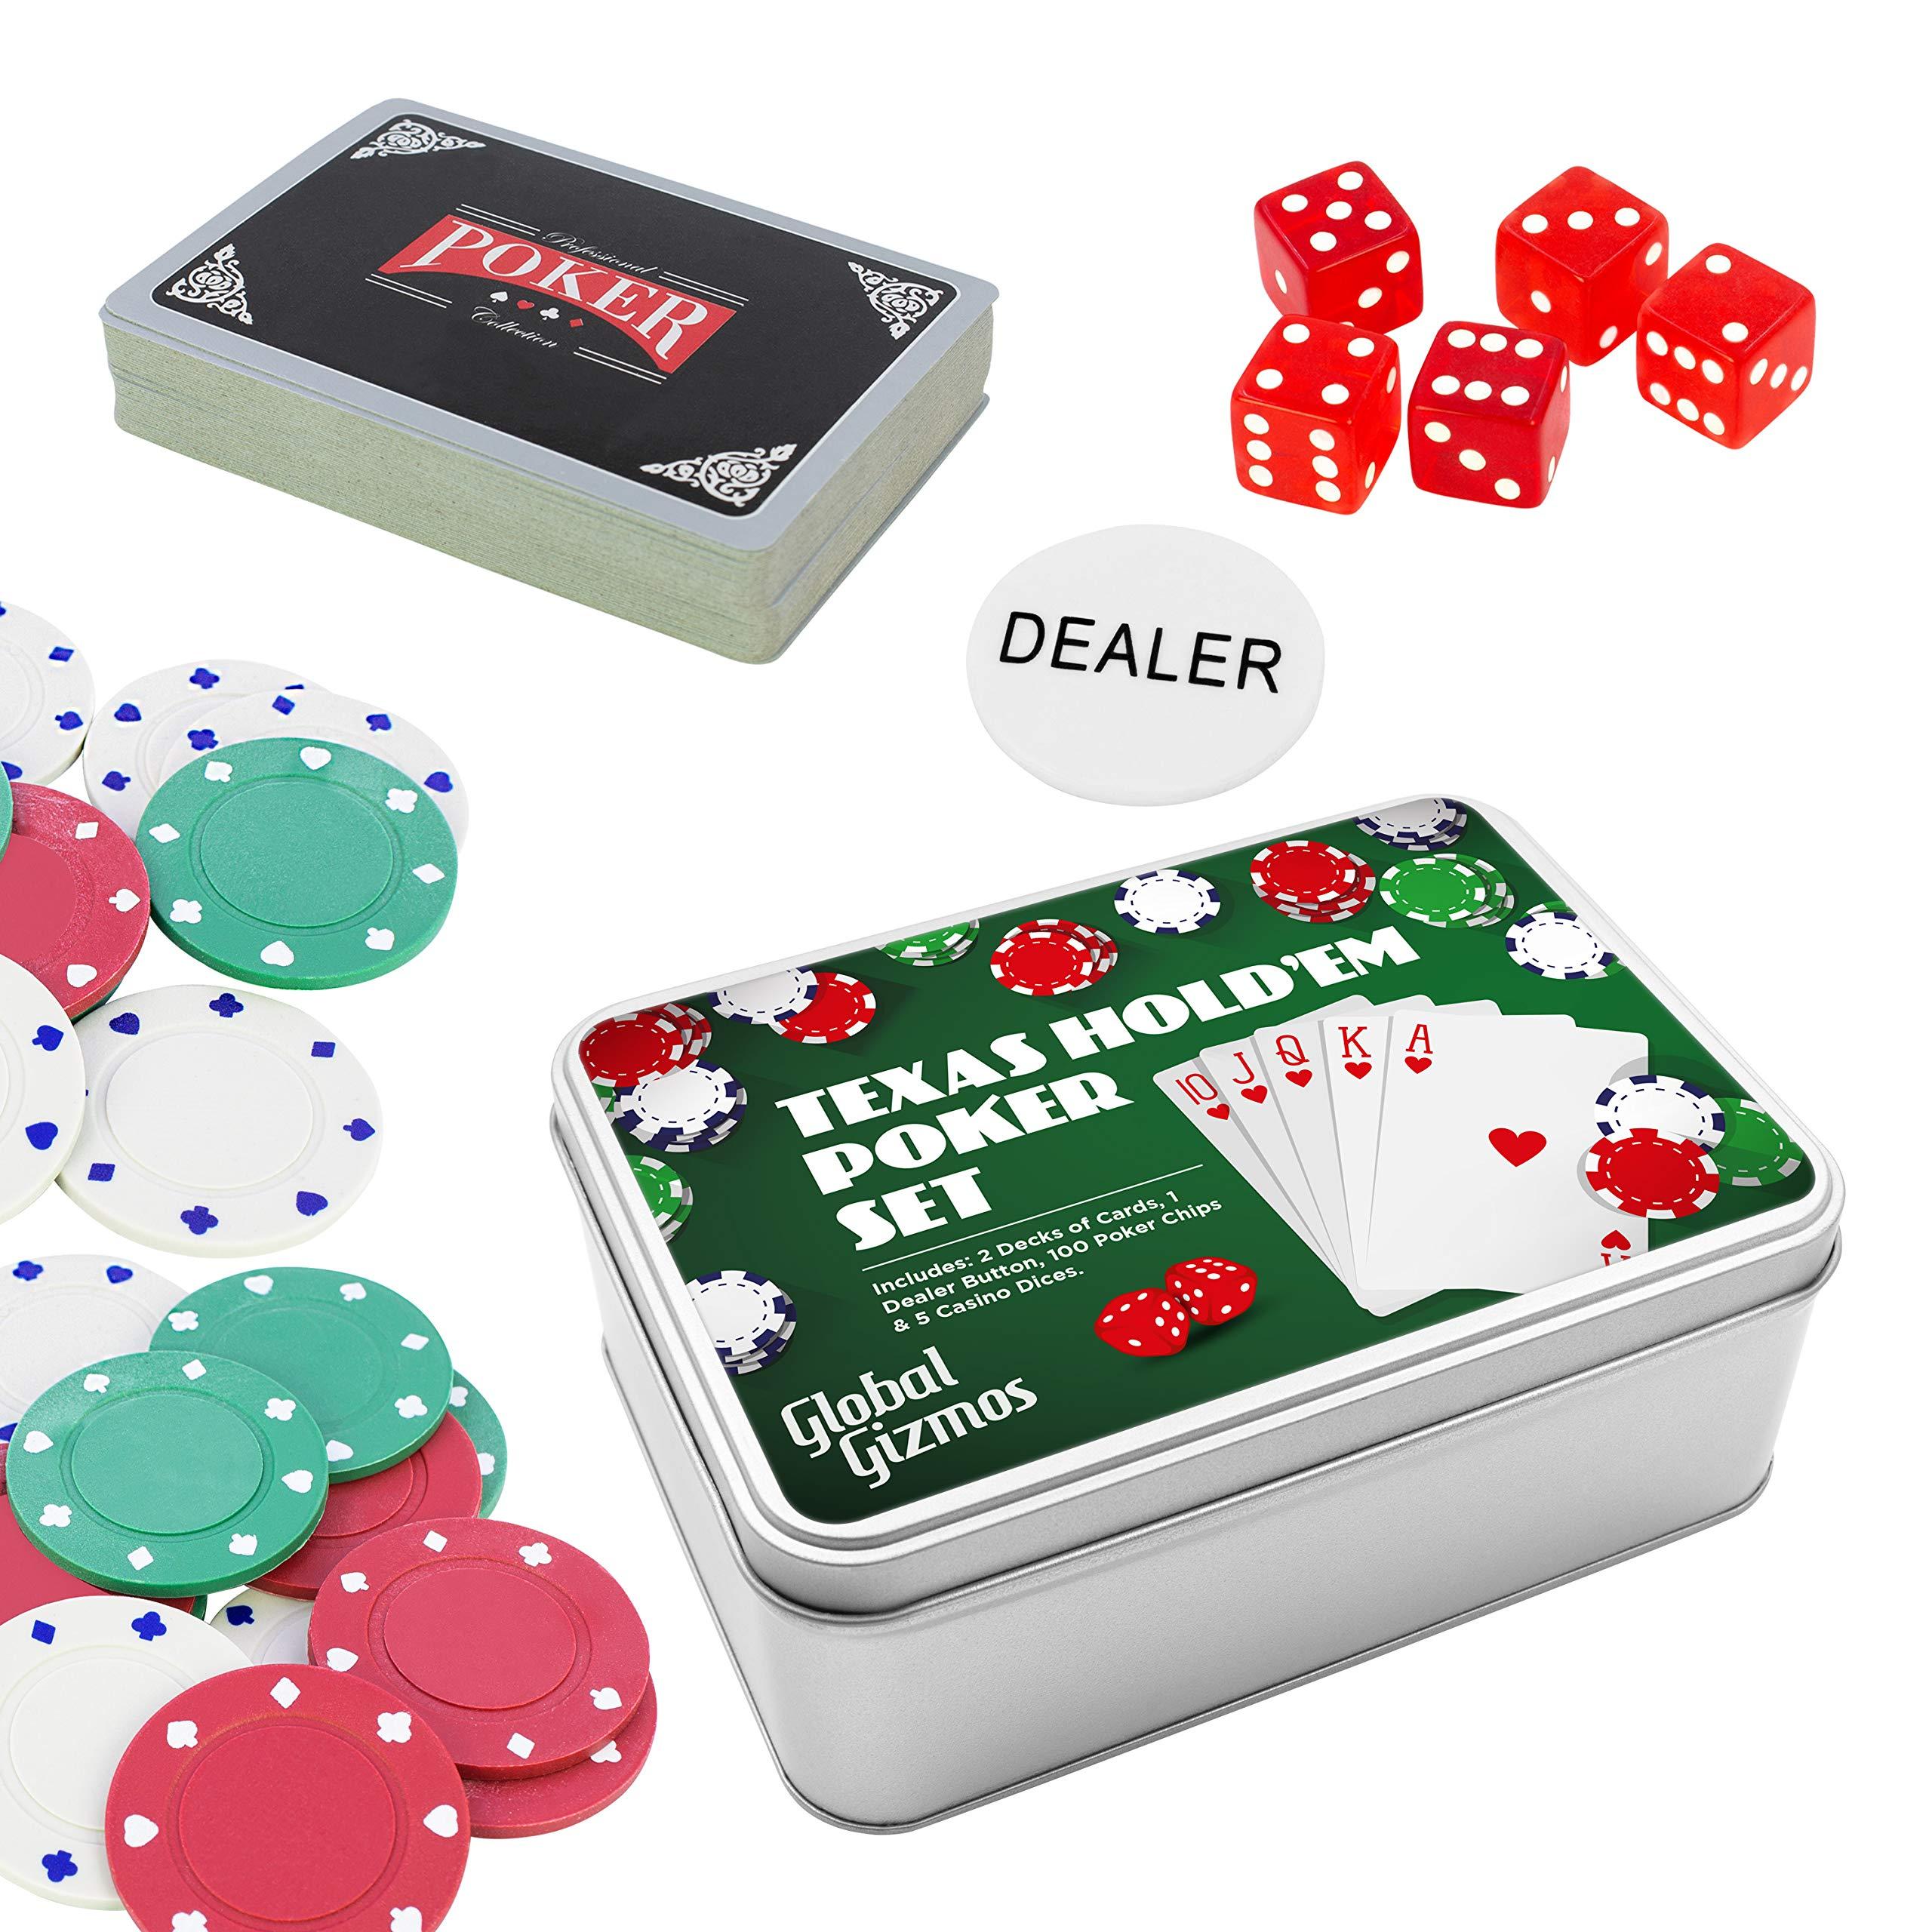 Global Gizmos 56050 Texas Holdem - Juego de póquer para regalo, varios colores , color/modelo surtido: Amazon.es: Juguetes y juegos